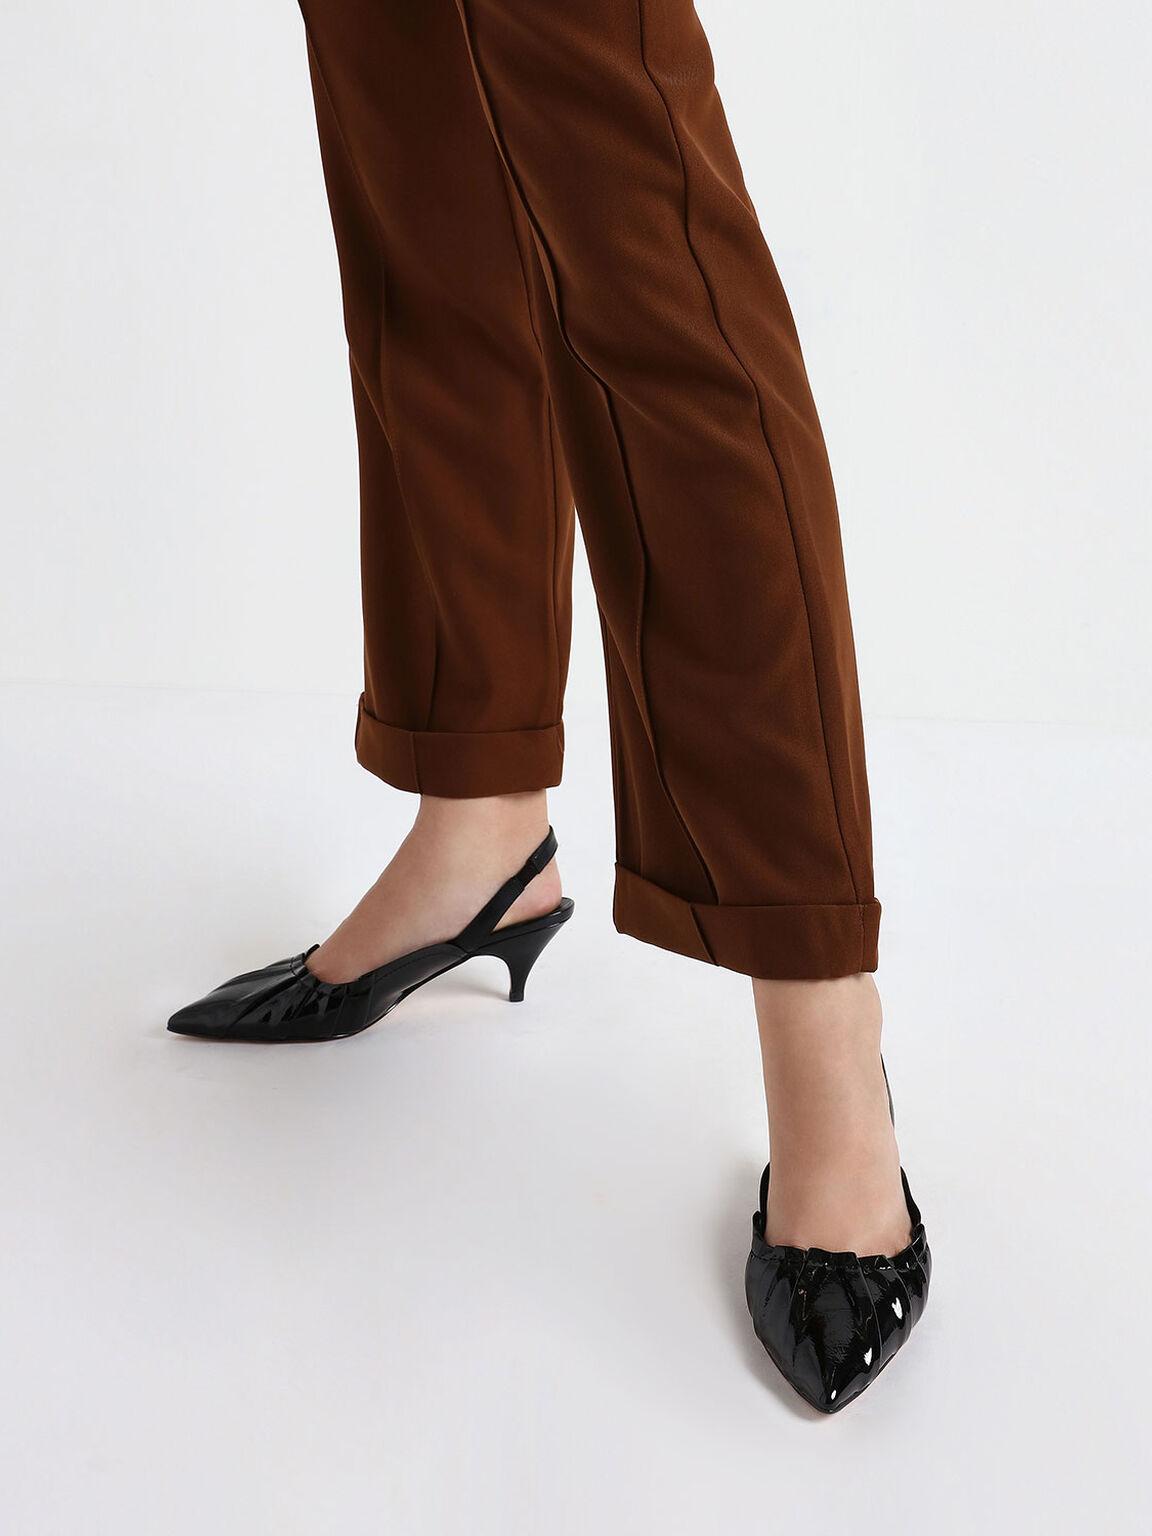 Ruched Wrinkled Patent Slingback Heels, Black, hi-res